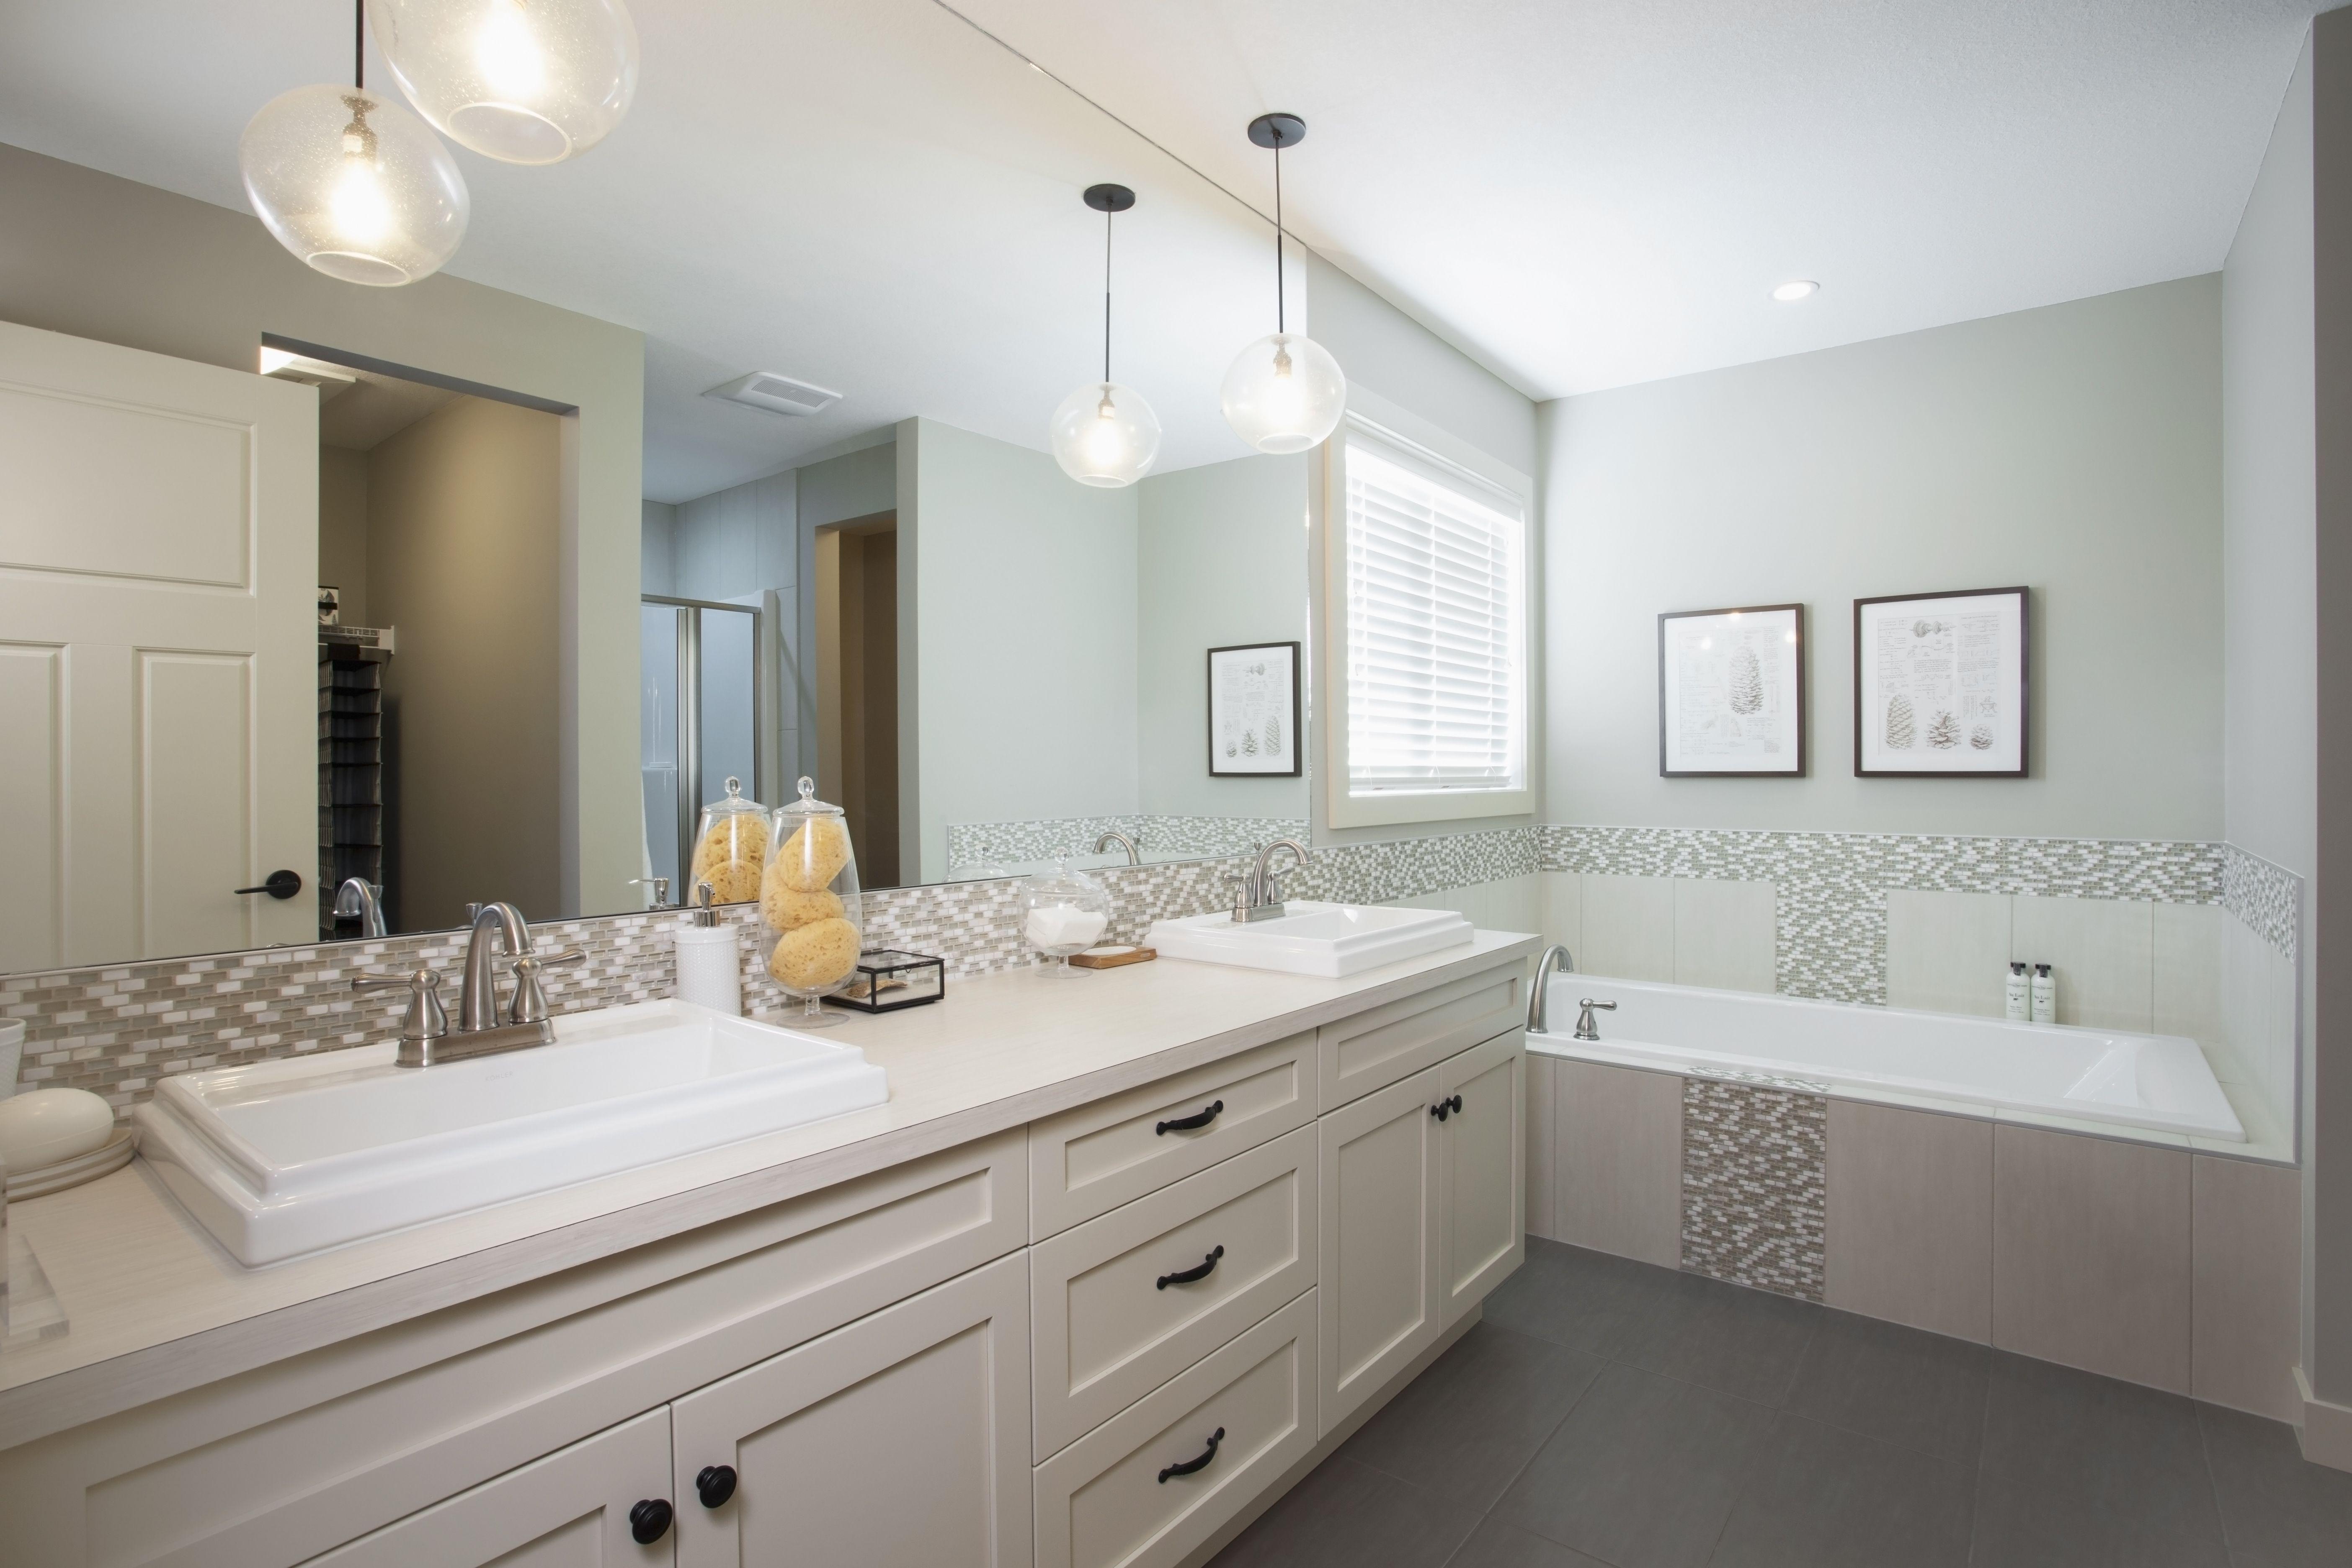 Bathroom Pendant Lights In Front Of Builder Mirror Backsplash Tile